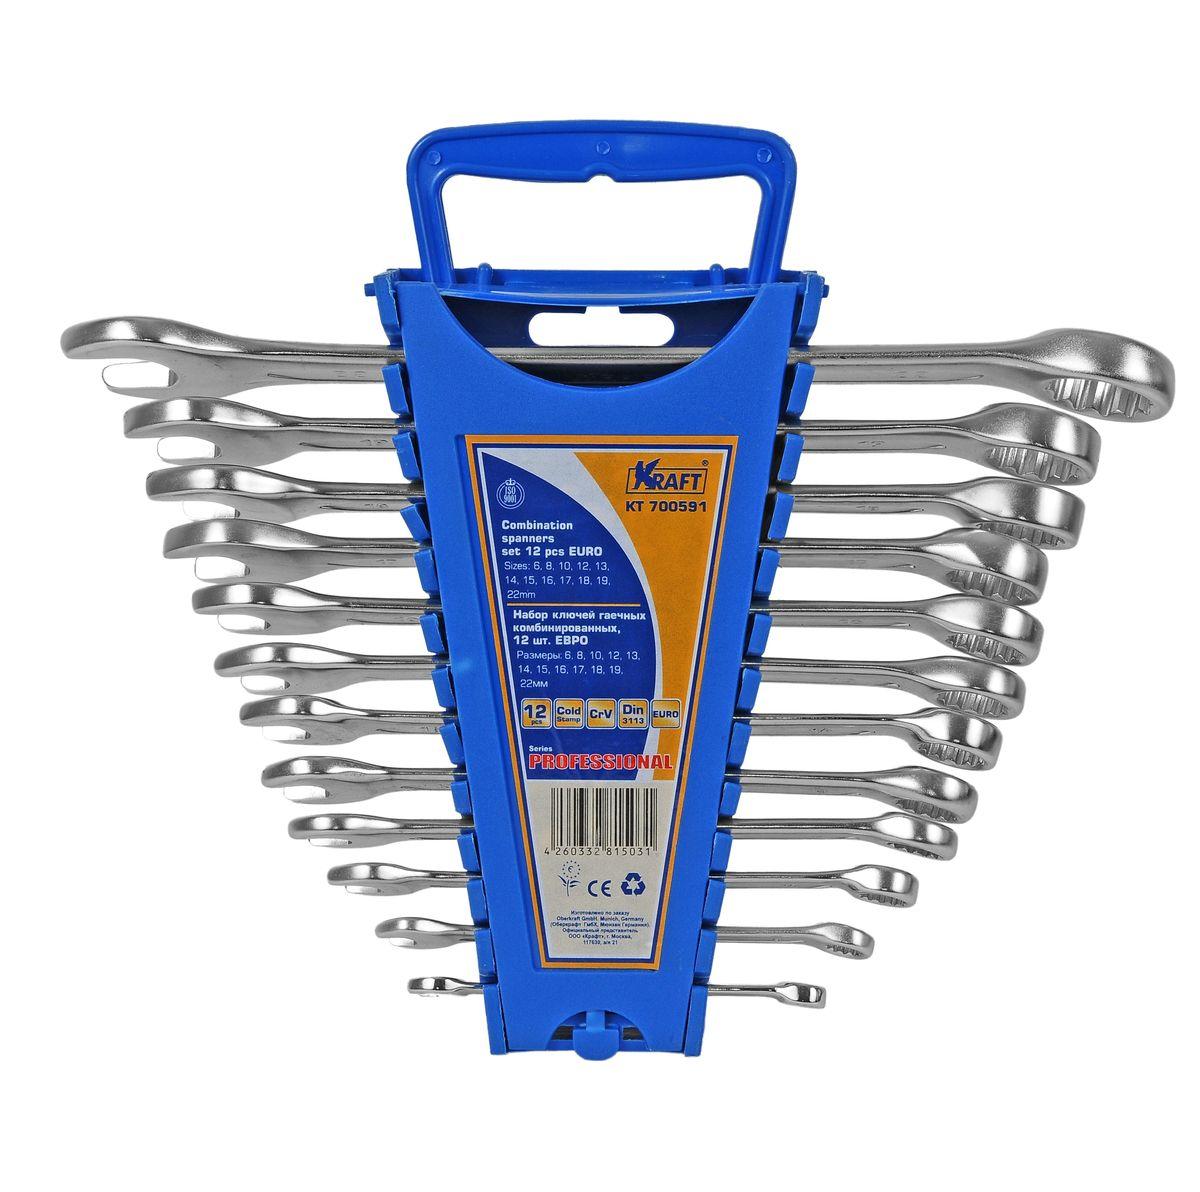 Набор комбинированных гаечных ключей Kraft Professional Euro, 6 мм - 22 мм, 12 шт набор комбинированных гаечных ключей 12 шт курс 63418 6 22 мм